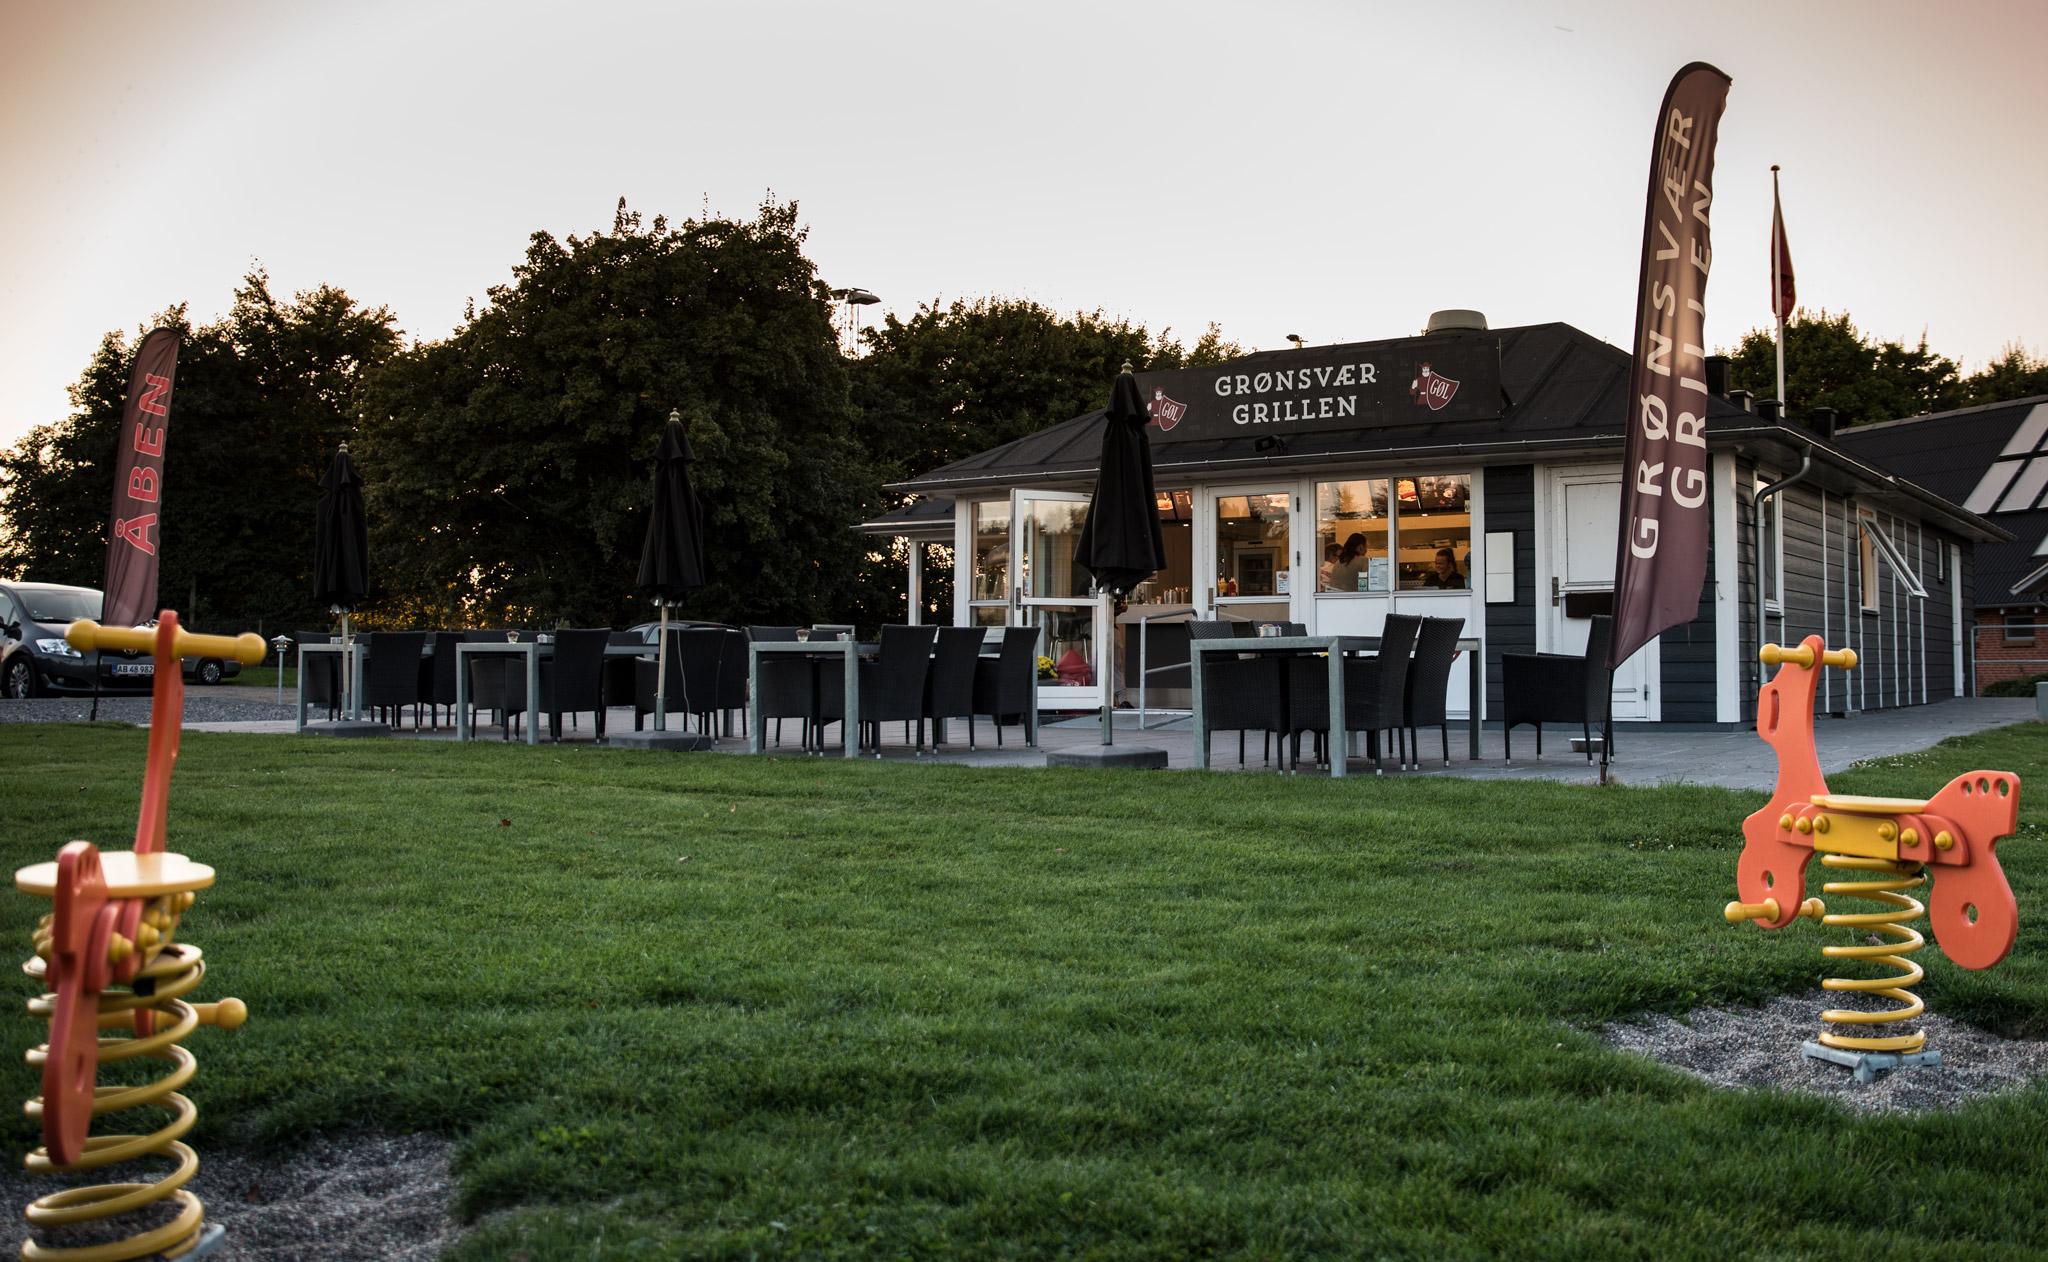 Terassen udenfor Grønsvær Grillen i Gjerlev